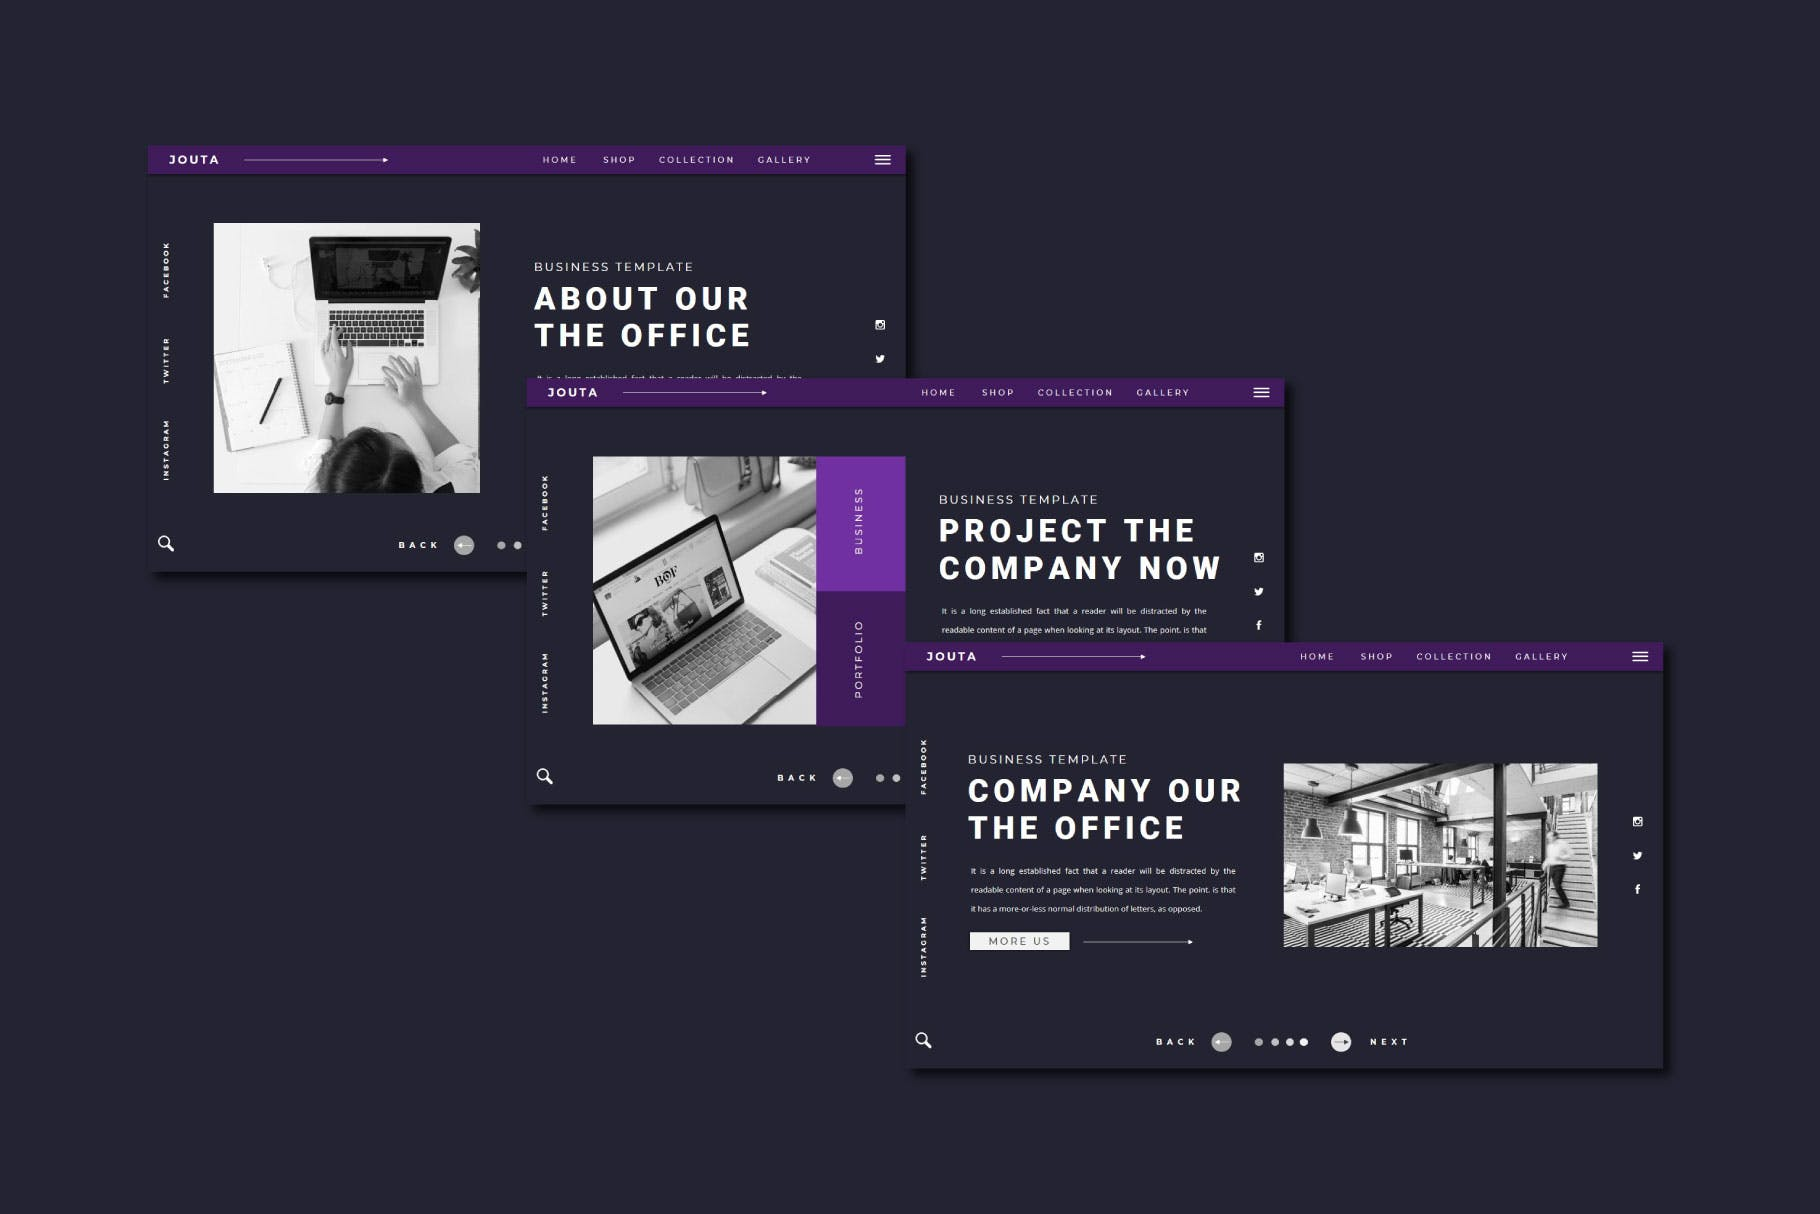 酷黑企业策划宣传演示文稿PPT设计模板 JOUTA Powerpoint Template插图3